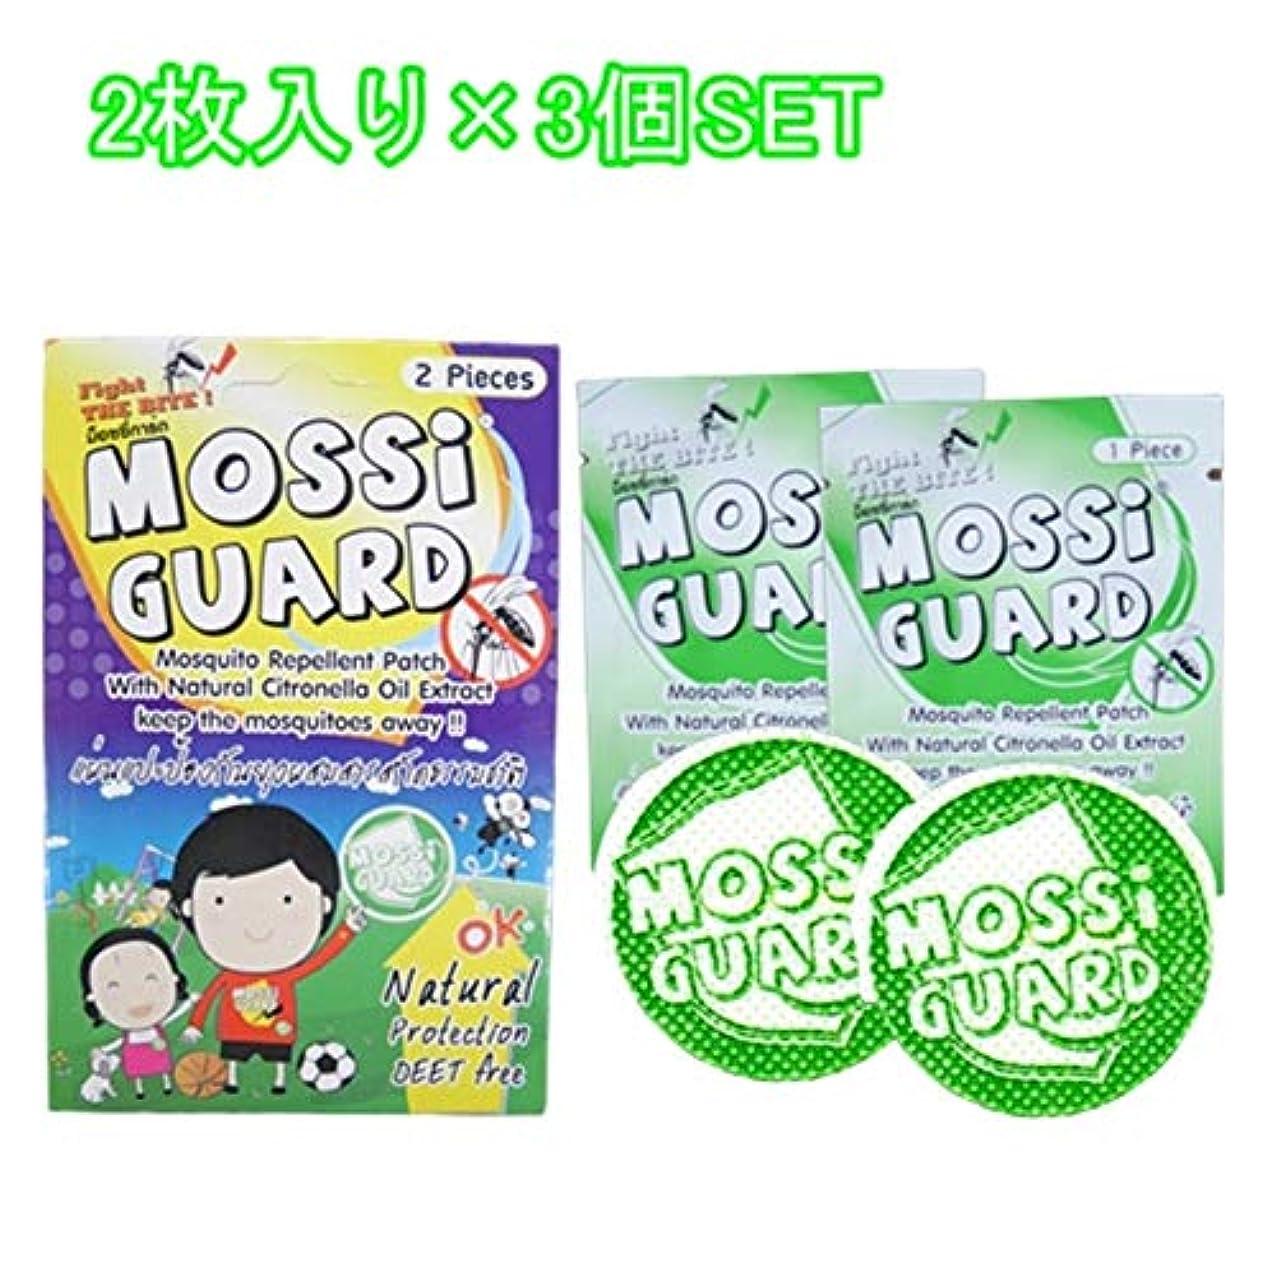 訪問消去講師Mossi GUARD 天然成分 DEET FREE 虫よけシール2枚入り 3袋SET